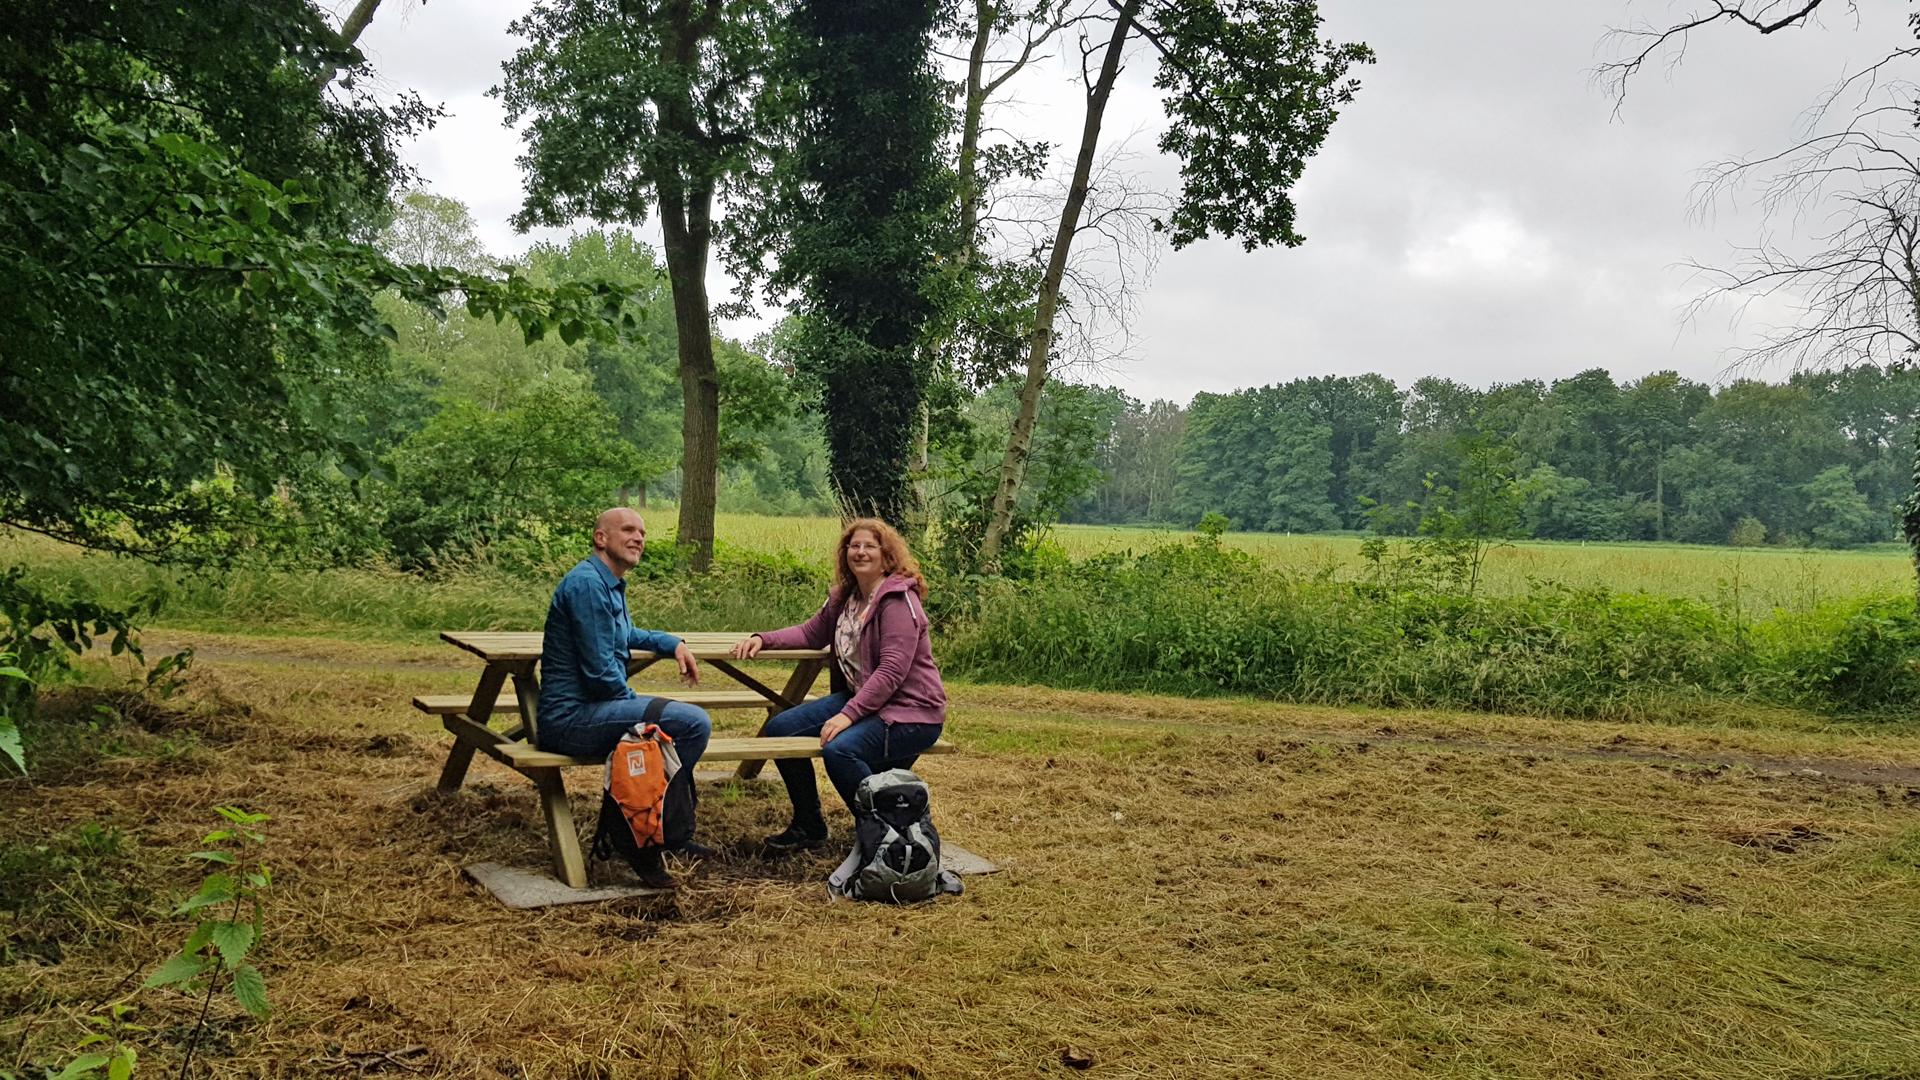 Platz nehmen - der Rastplatz am Naturschutzgebiet Glindbusch lädt dazu ein